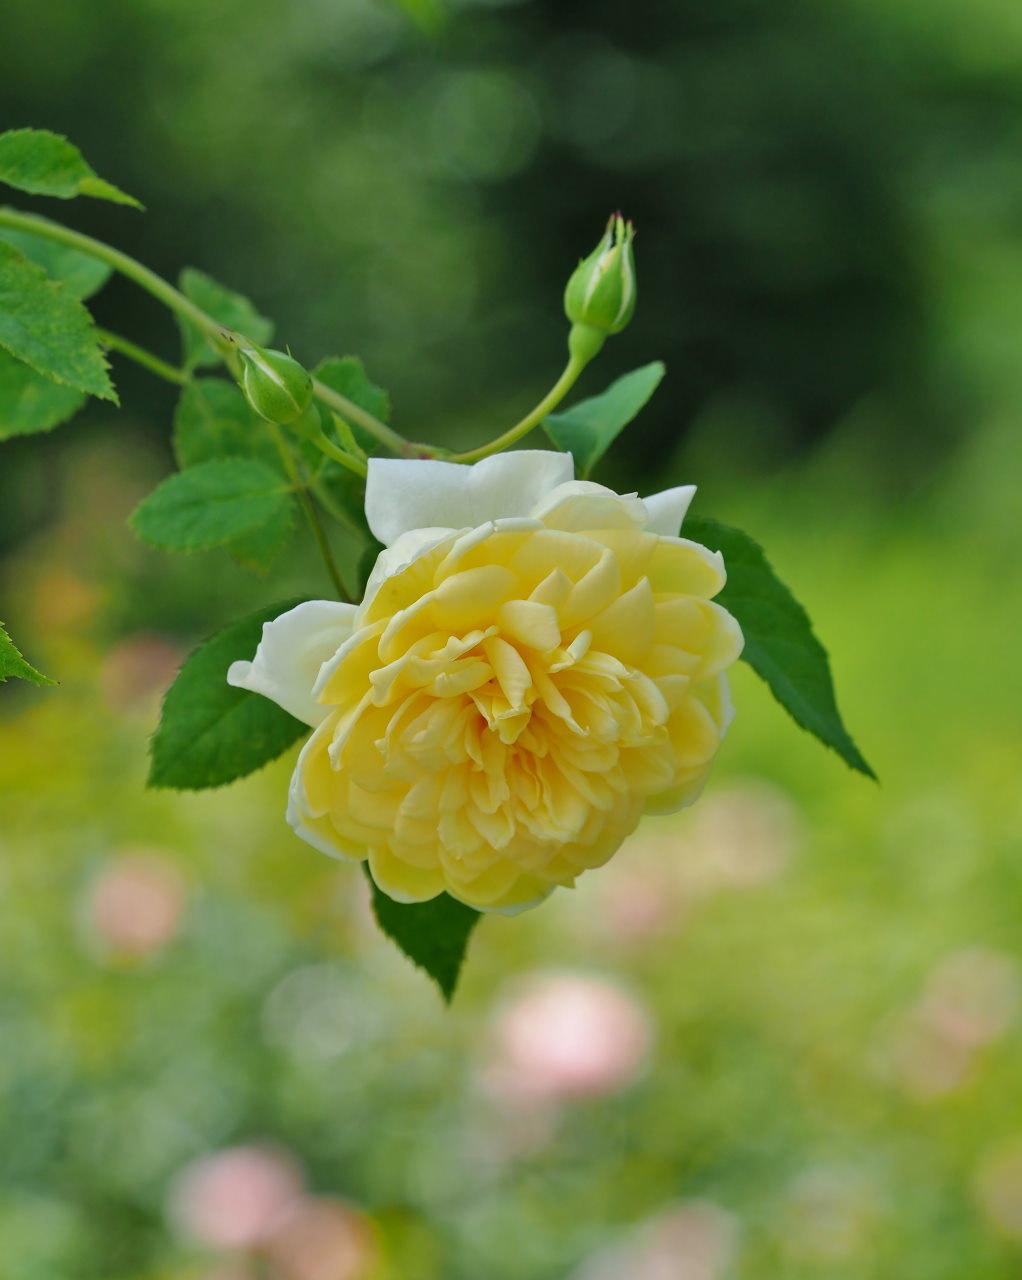 軽井沢レイクガーデンで 猛暑日にも忍び寄る秋が・・・_c0305565_17425930.jpg